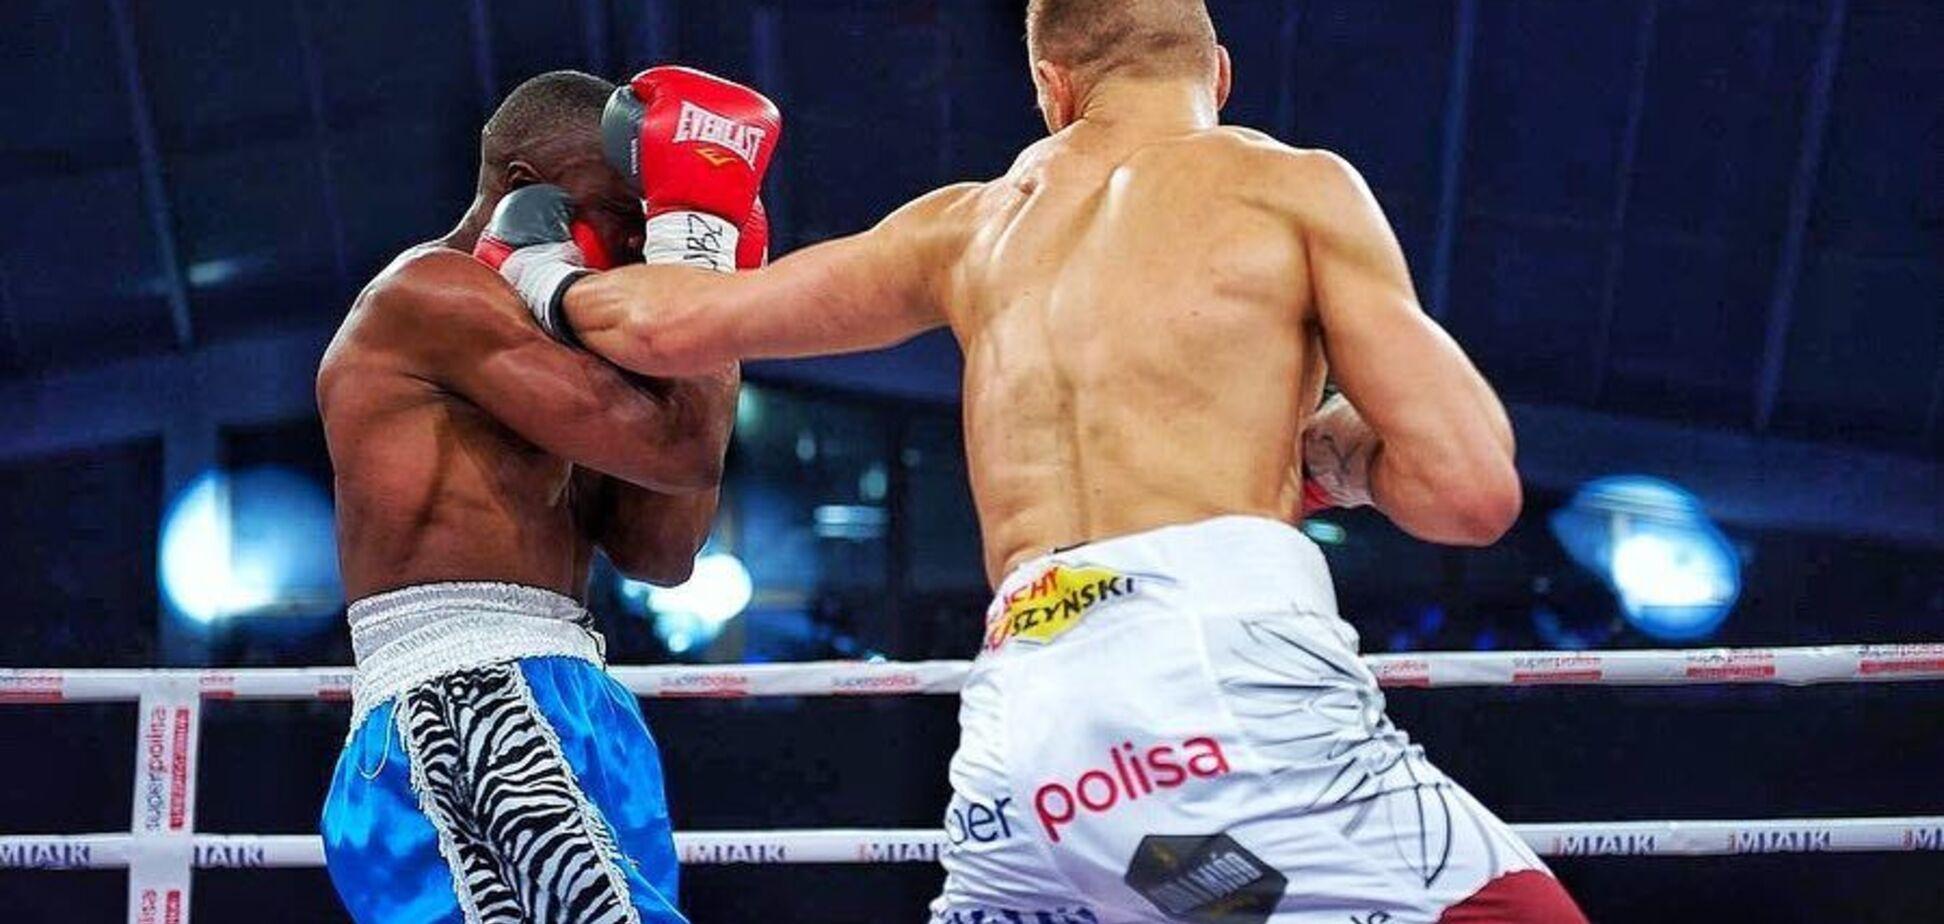 Непереможний боксер з Харкова здобув ефектну перемогу в Польщі